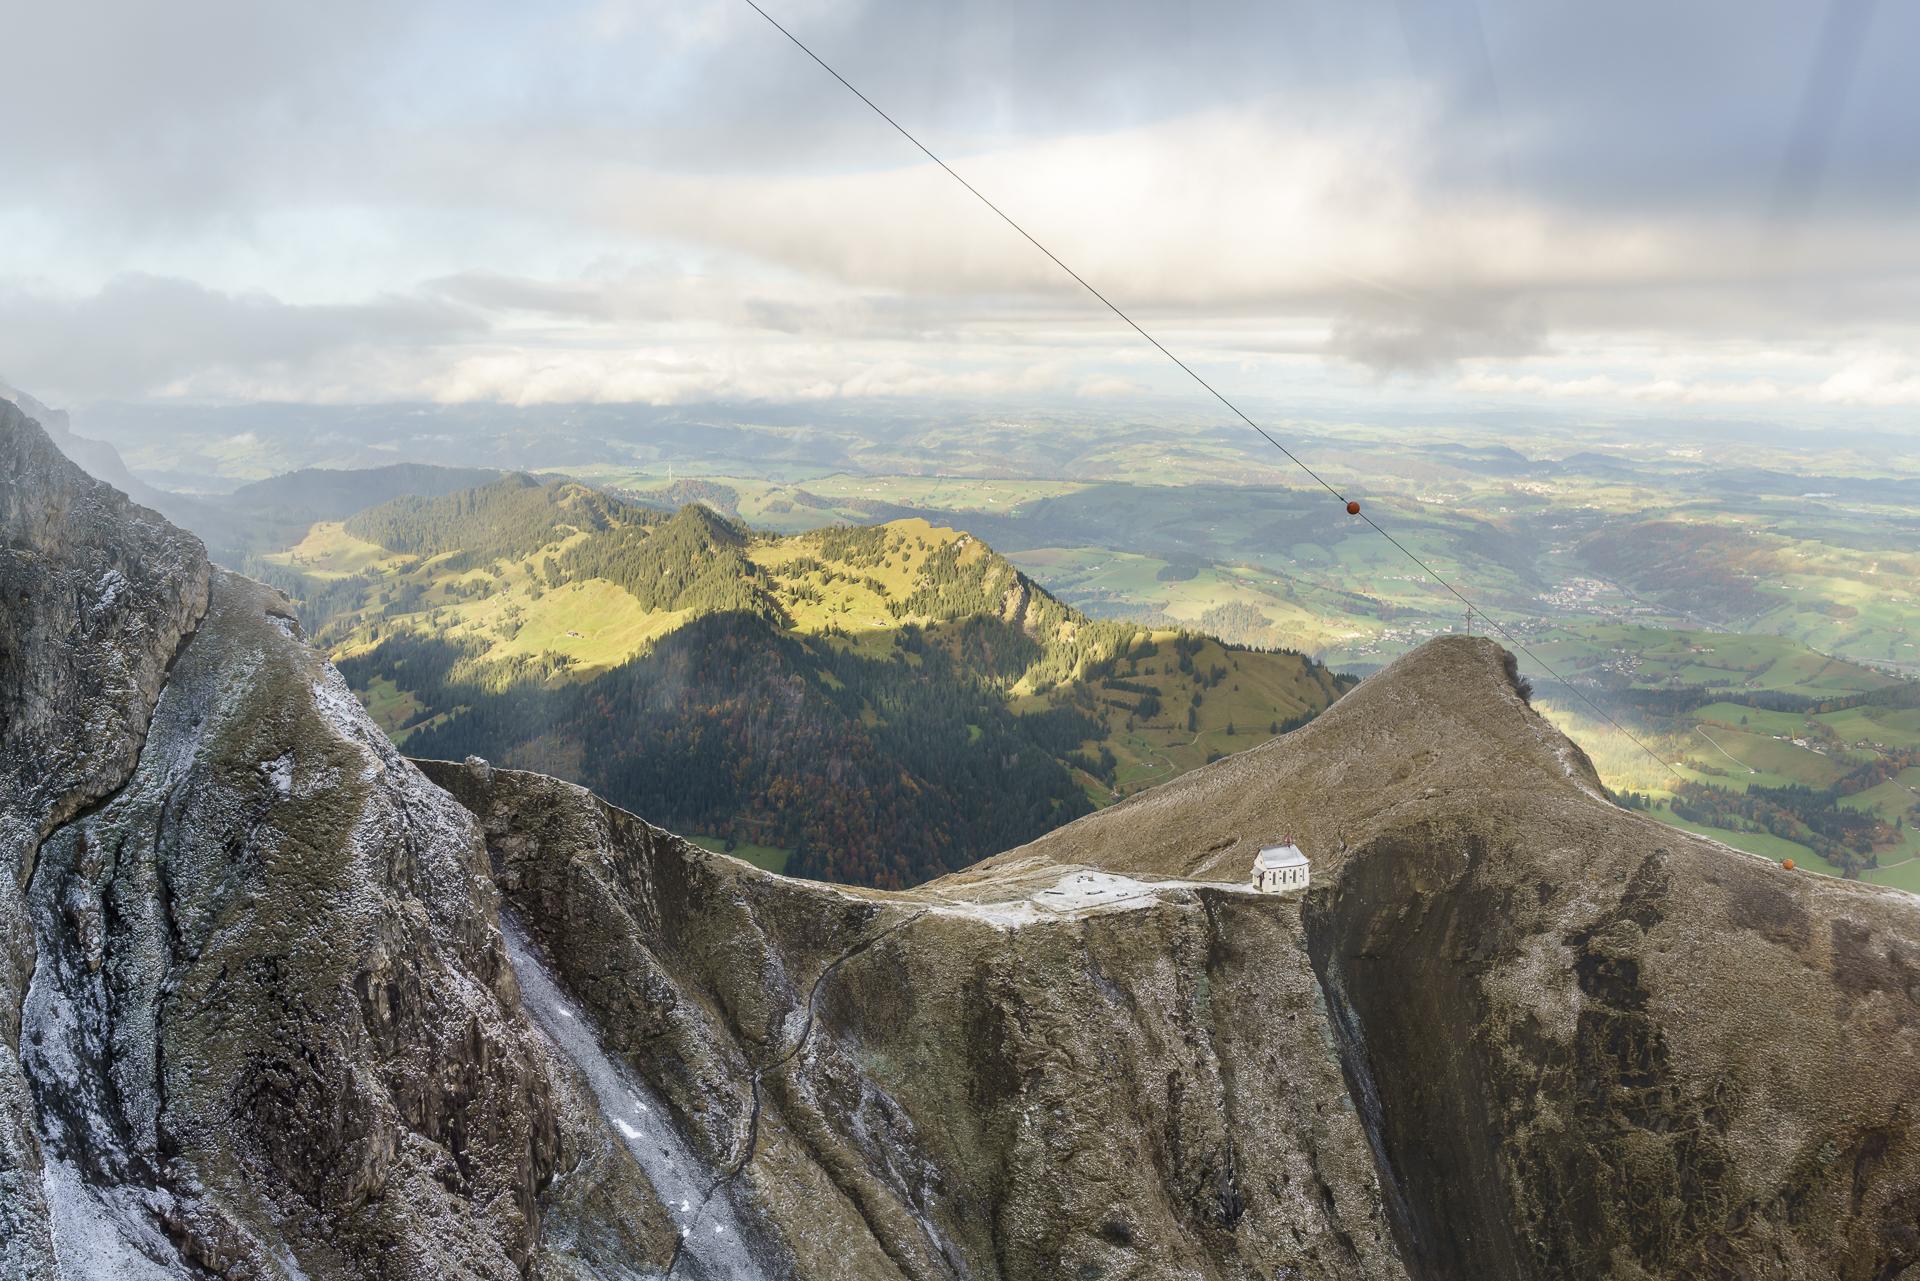 klimsenhorn-pilatus